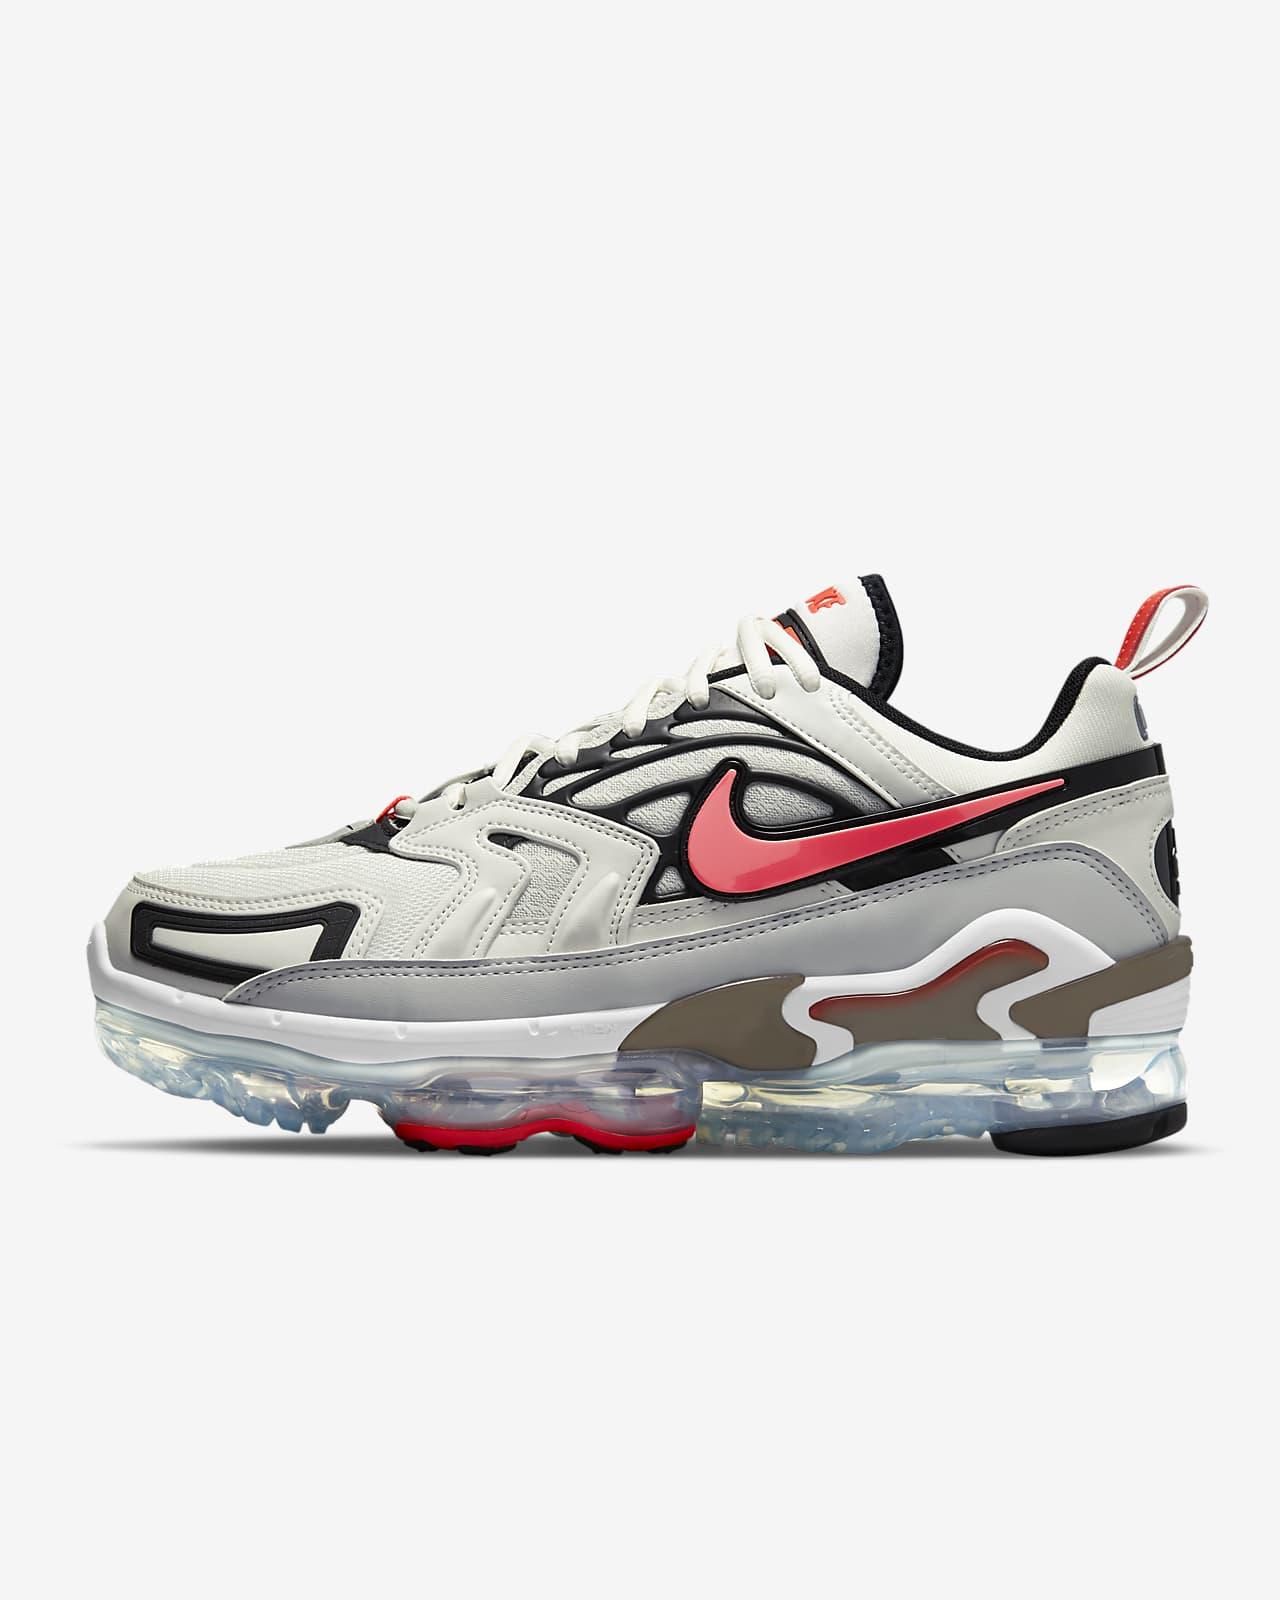 Nike Air Vapormax Evo 男鞋